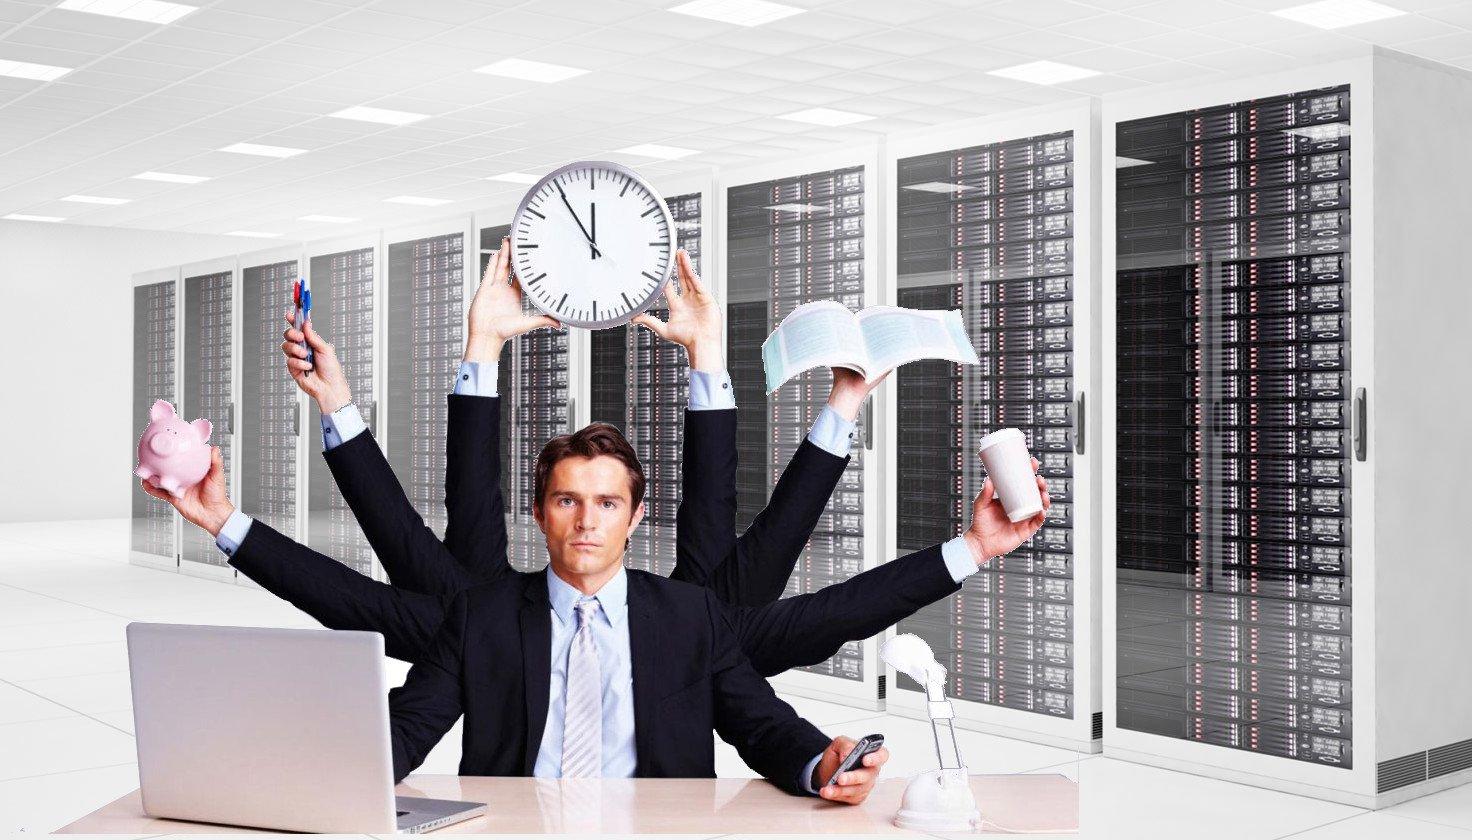 Medo de demissão faz profissional acumular funções